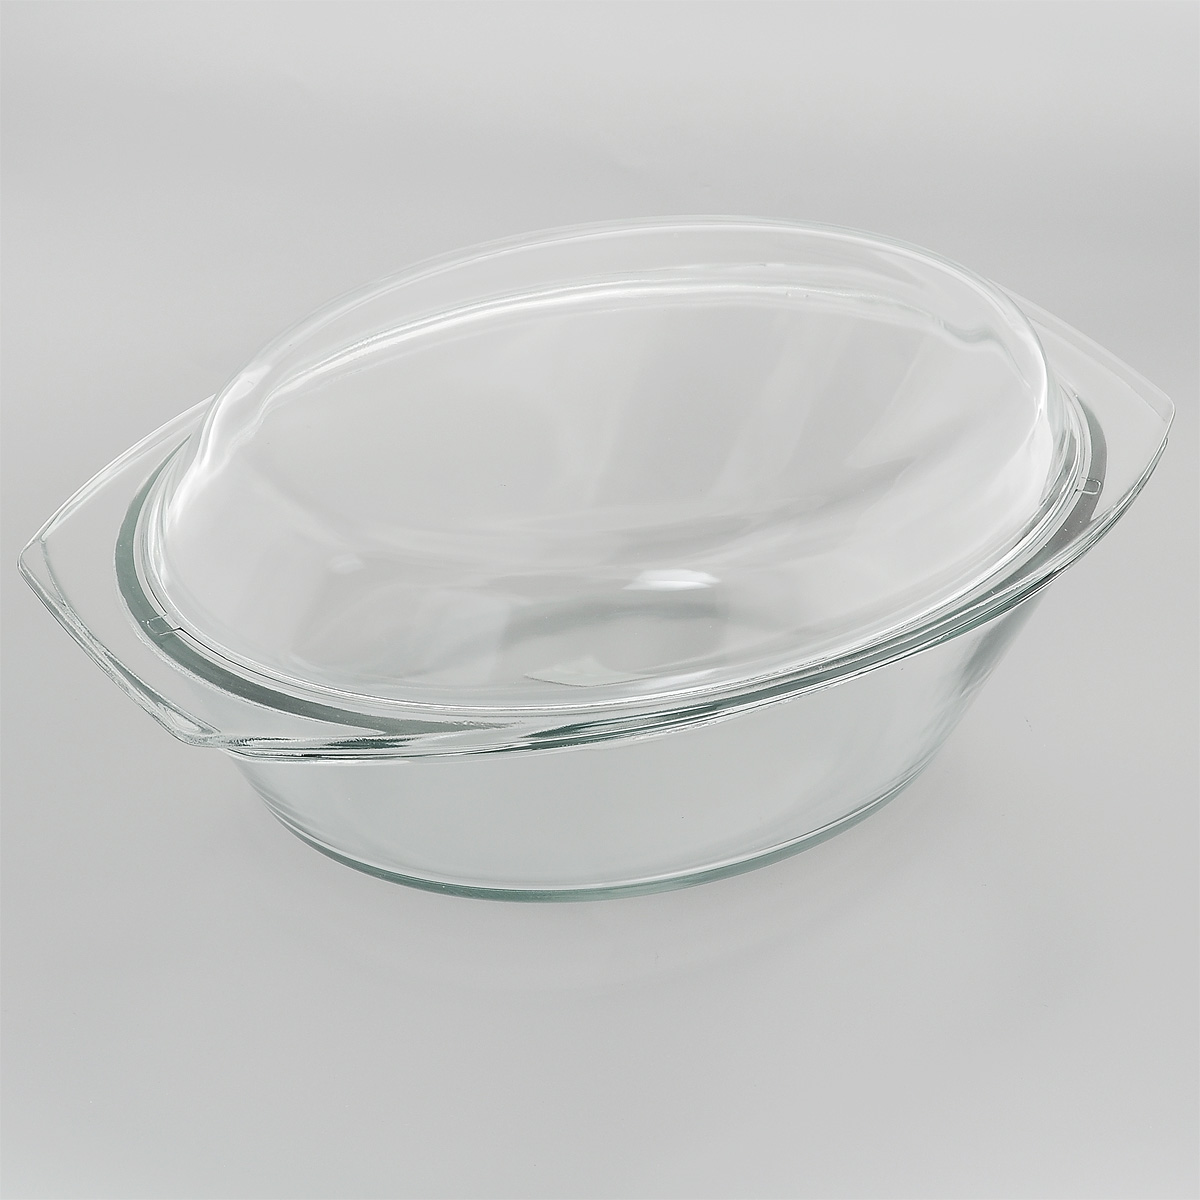 """Утятница """"Mijotex"""" выполнена из жаропрочного стекла. Форма не вступает в  реакцию с готовящейся пищей, а потому не выделяет никаких вредных веществ, не  подвергается воздействию кислот и солей. Стеклянная посуда очень удобна для  приготовления и подачи самых разнообразных блюд. Стекло выдерживает  температуру от - 40°C до +400°C. Благодаря прозрачности стекла, за едой можно  наблюдать при ее приготовлении, еду можно видеть при подаче, хранении.  Используя эту форму, вы можете, как приготовить пищу, так и изящно подать ее к  столу, не меняя посуды. Крышка выполнена из стекла и может быть использована  также отдельно для приготовления и подачи различных блюд. Форма может быть использована в духовке, микроволновой печи и морозильной  камере. Можно мыть в посудомоечной машине. Размер утятницы: 34 см х 20,5 см х 9 см. Размер крышки: 35 см х 21 см х 4,5 см. Высота утятницы (с учетом крышки): 13 см."""